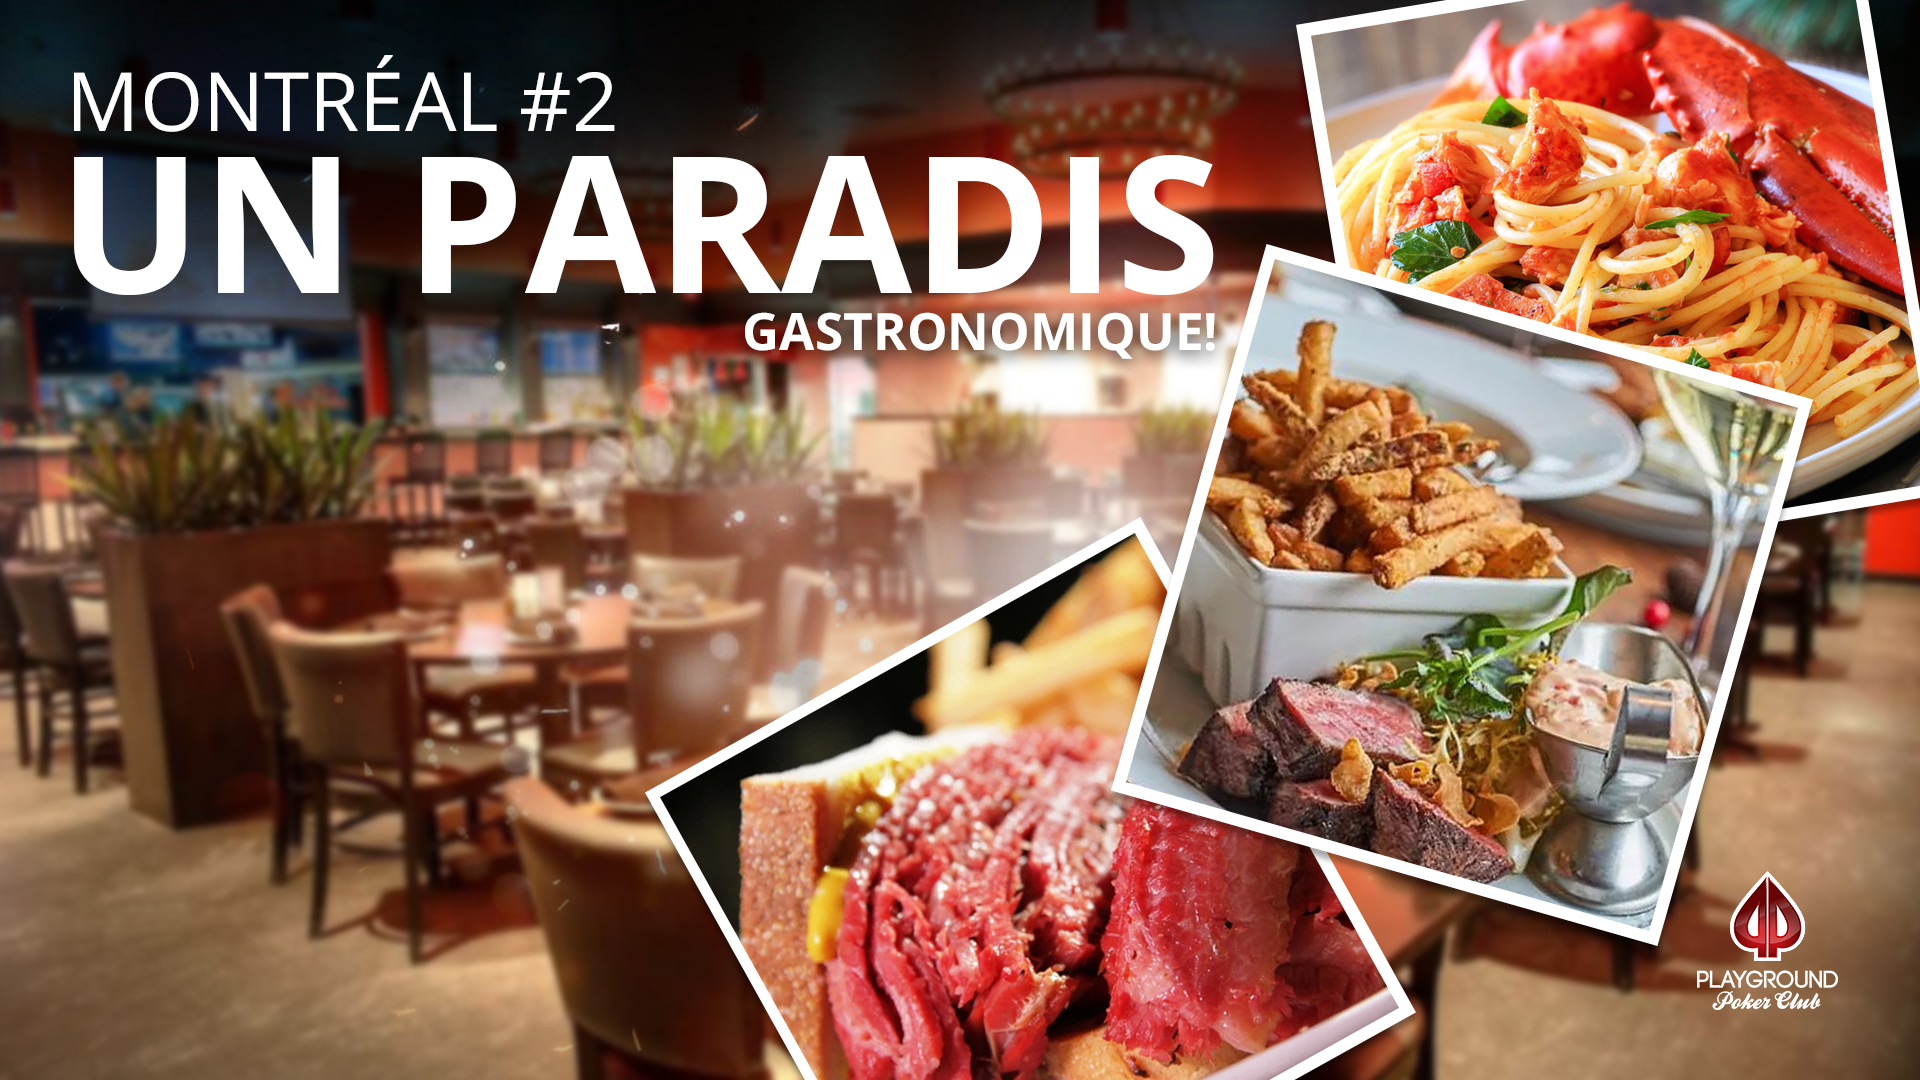 En 2e place sur notre Top 10 – Montréal: Un paradis gastronomique!